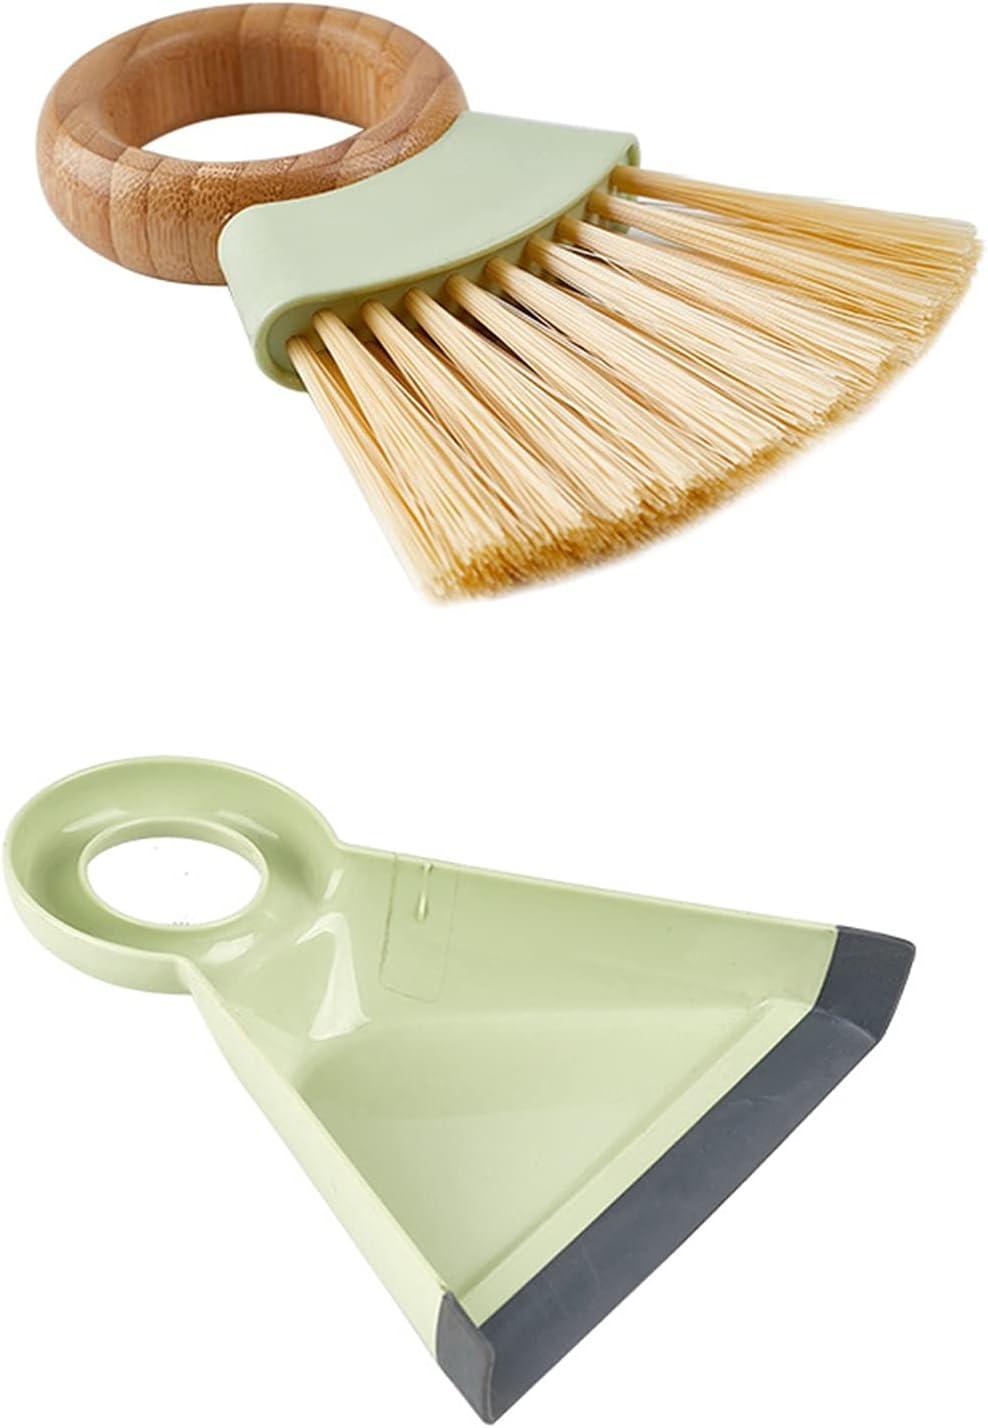 XinLuMing Wooden Handle OFFicial shop Broom Mini Desktop Househol Dustpan Set Max 85% OFF